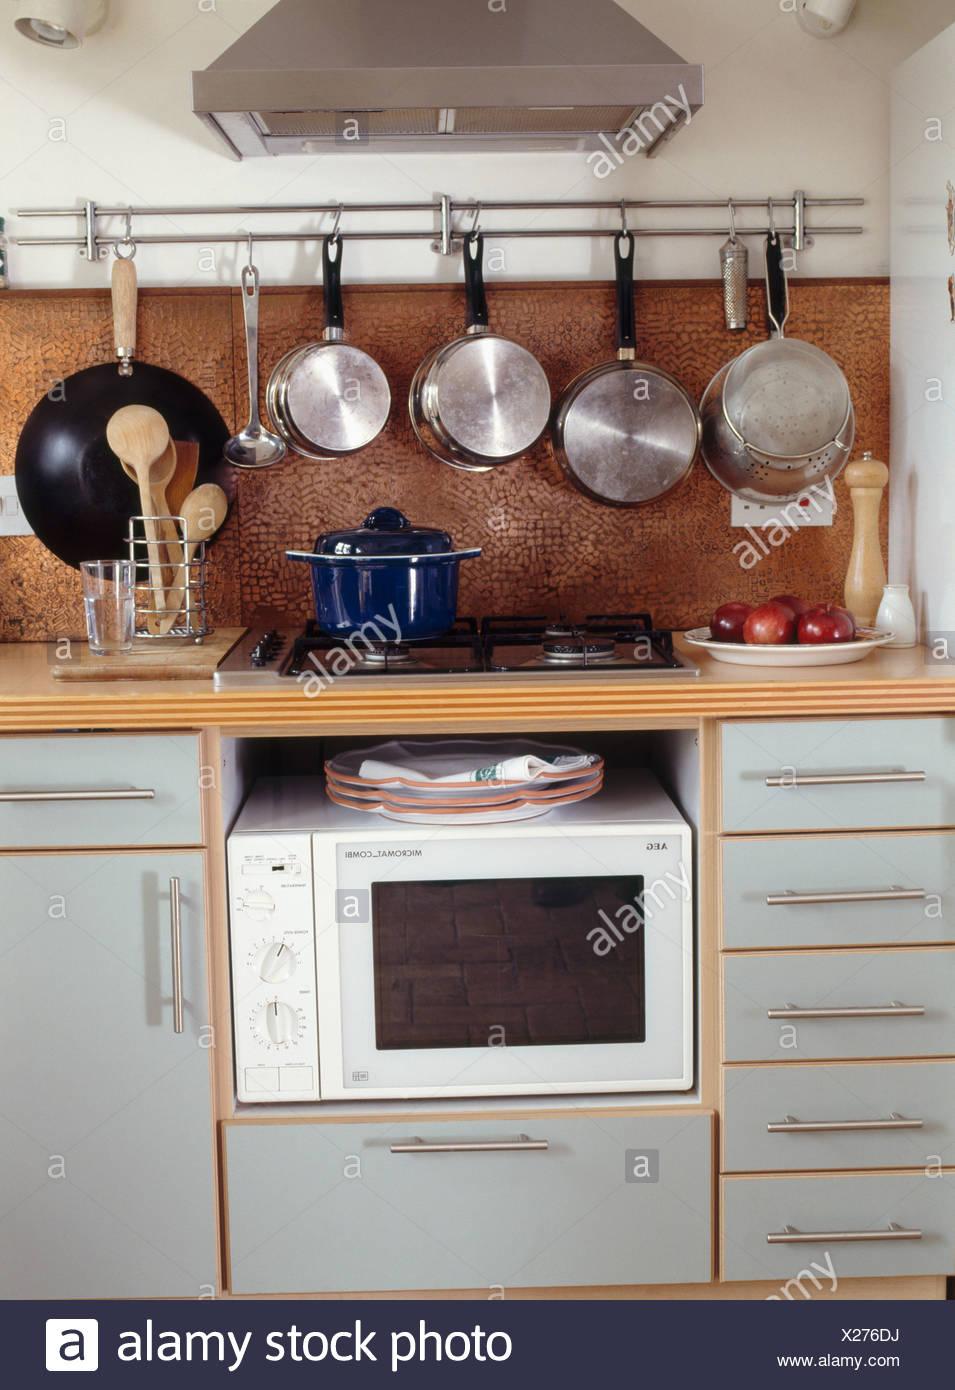 Micro Onde Au Dessus Du Four casseroles sur une grille au-dessus de cuisson et un four